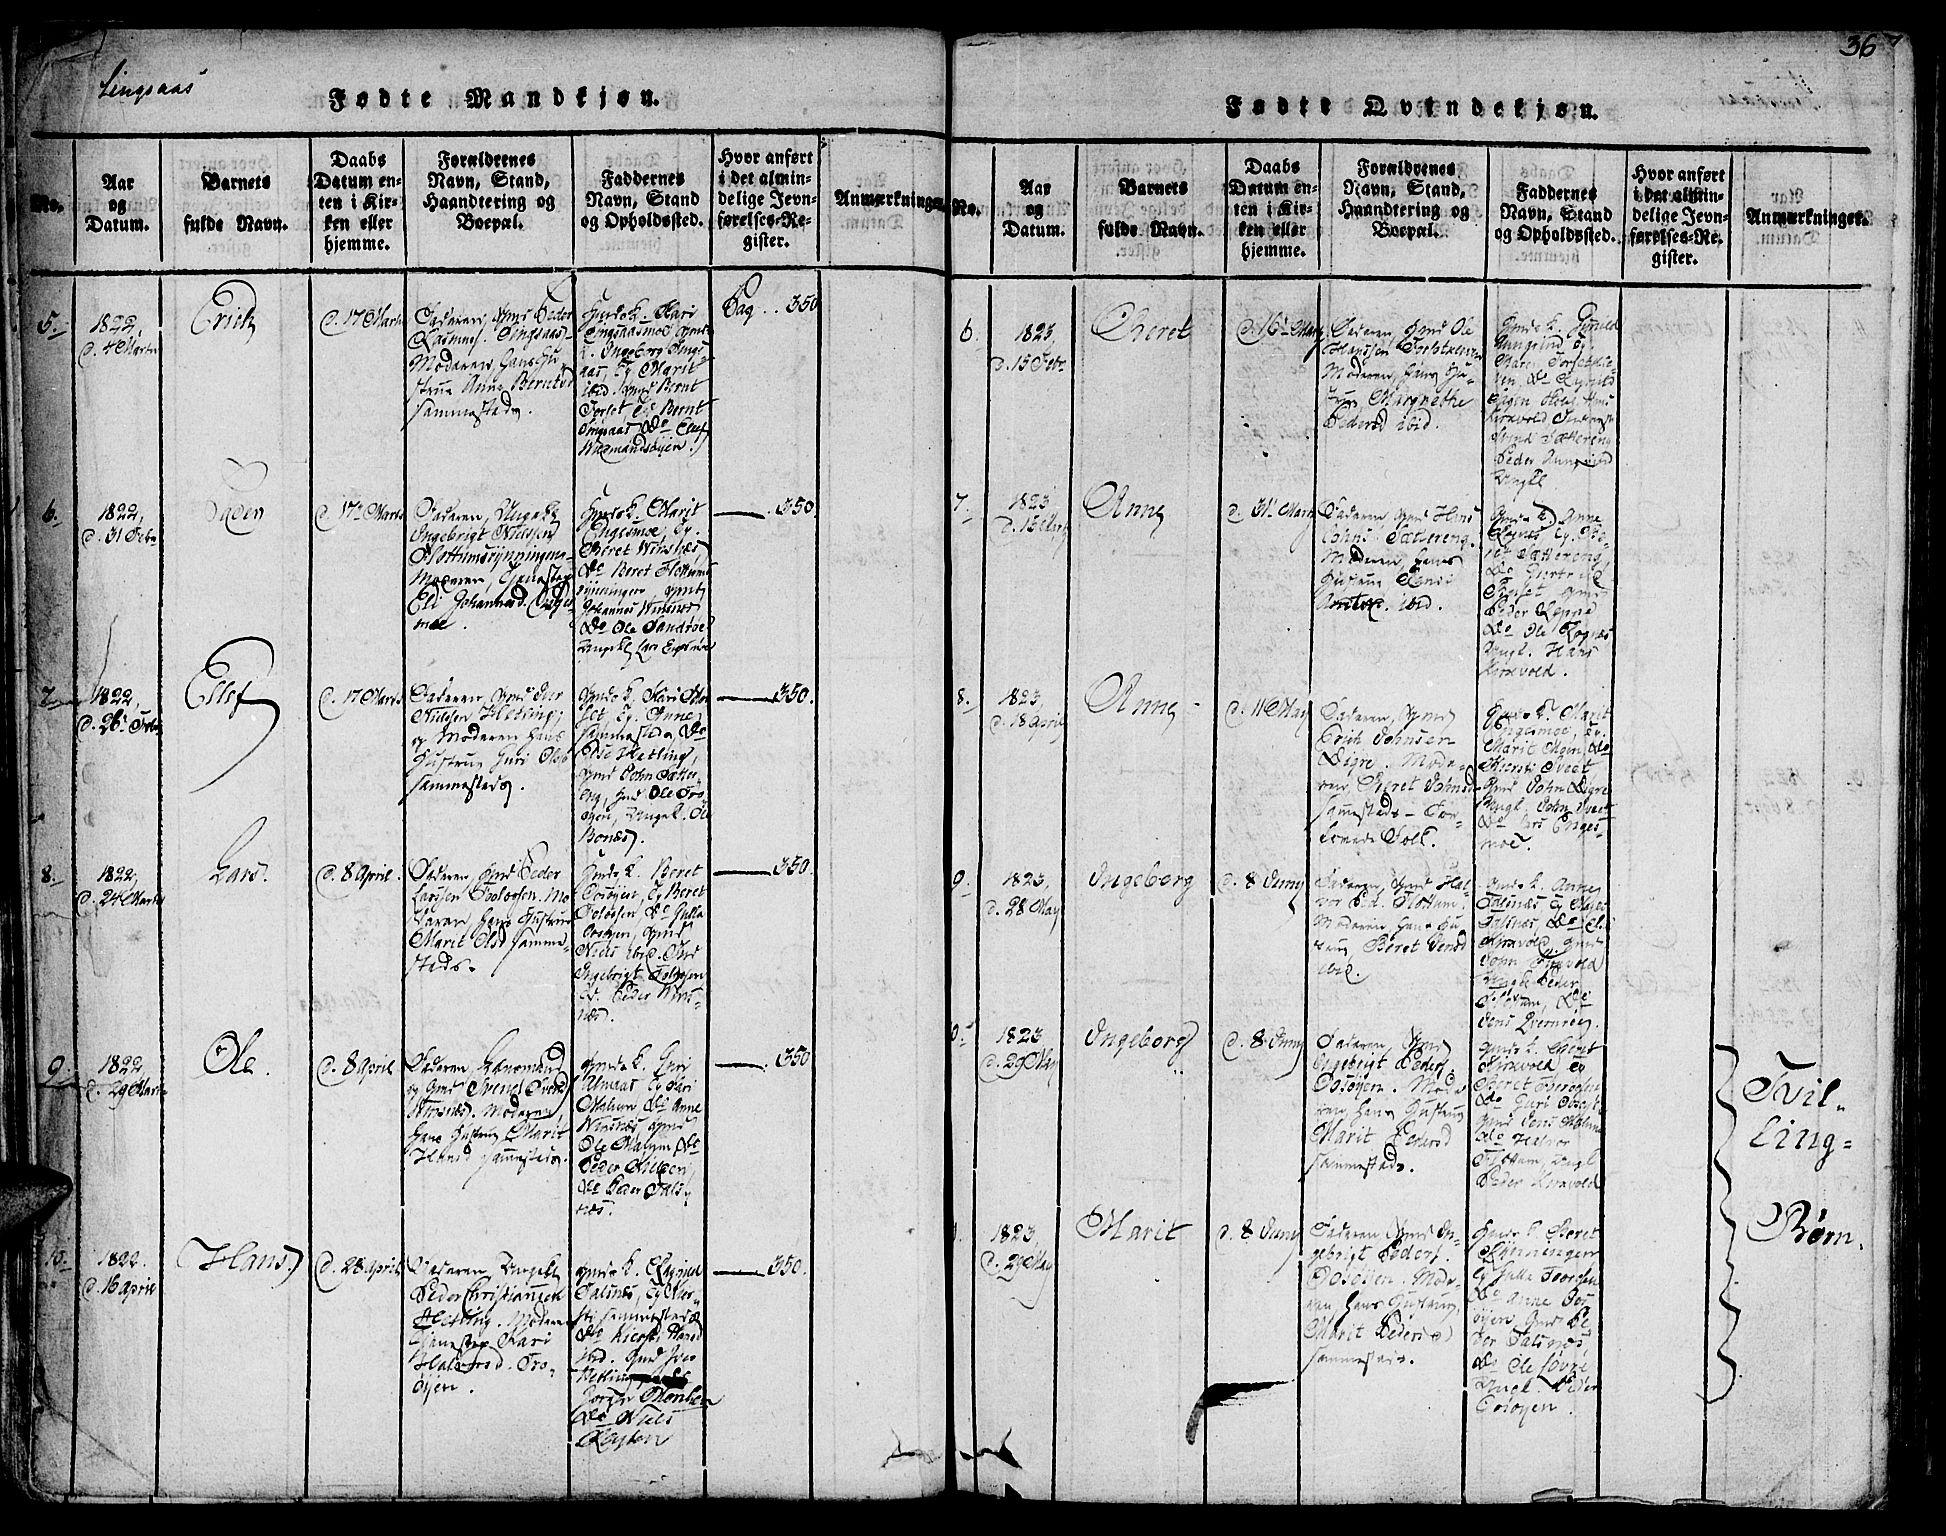 SAT, Ministerialprotokoller, klokkerbøker og fødselsregistre - Sør-Trøndelag, 685/L0955: Ministerialbok nr. 685A03 /2, 1817-1829, s. 36